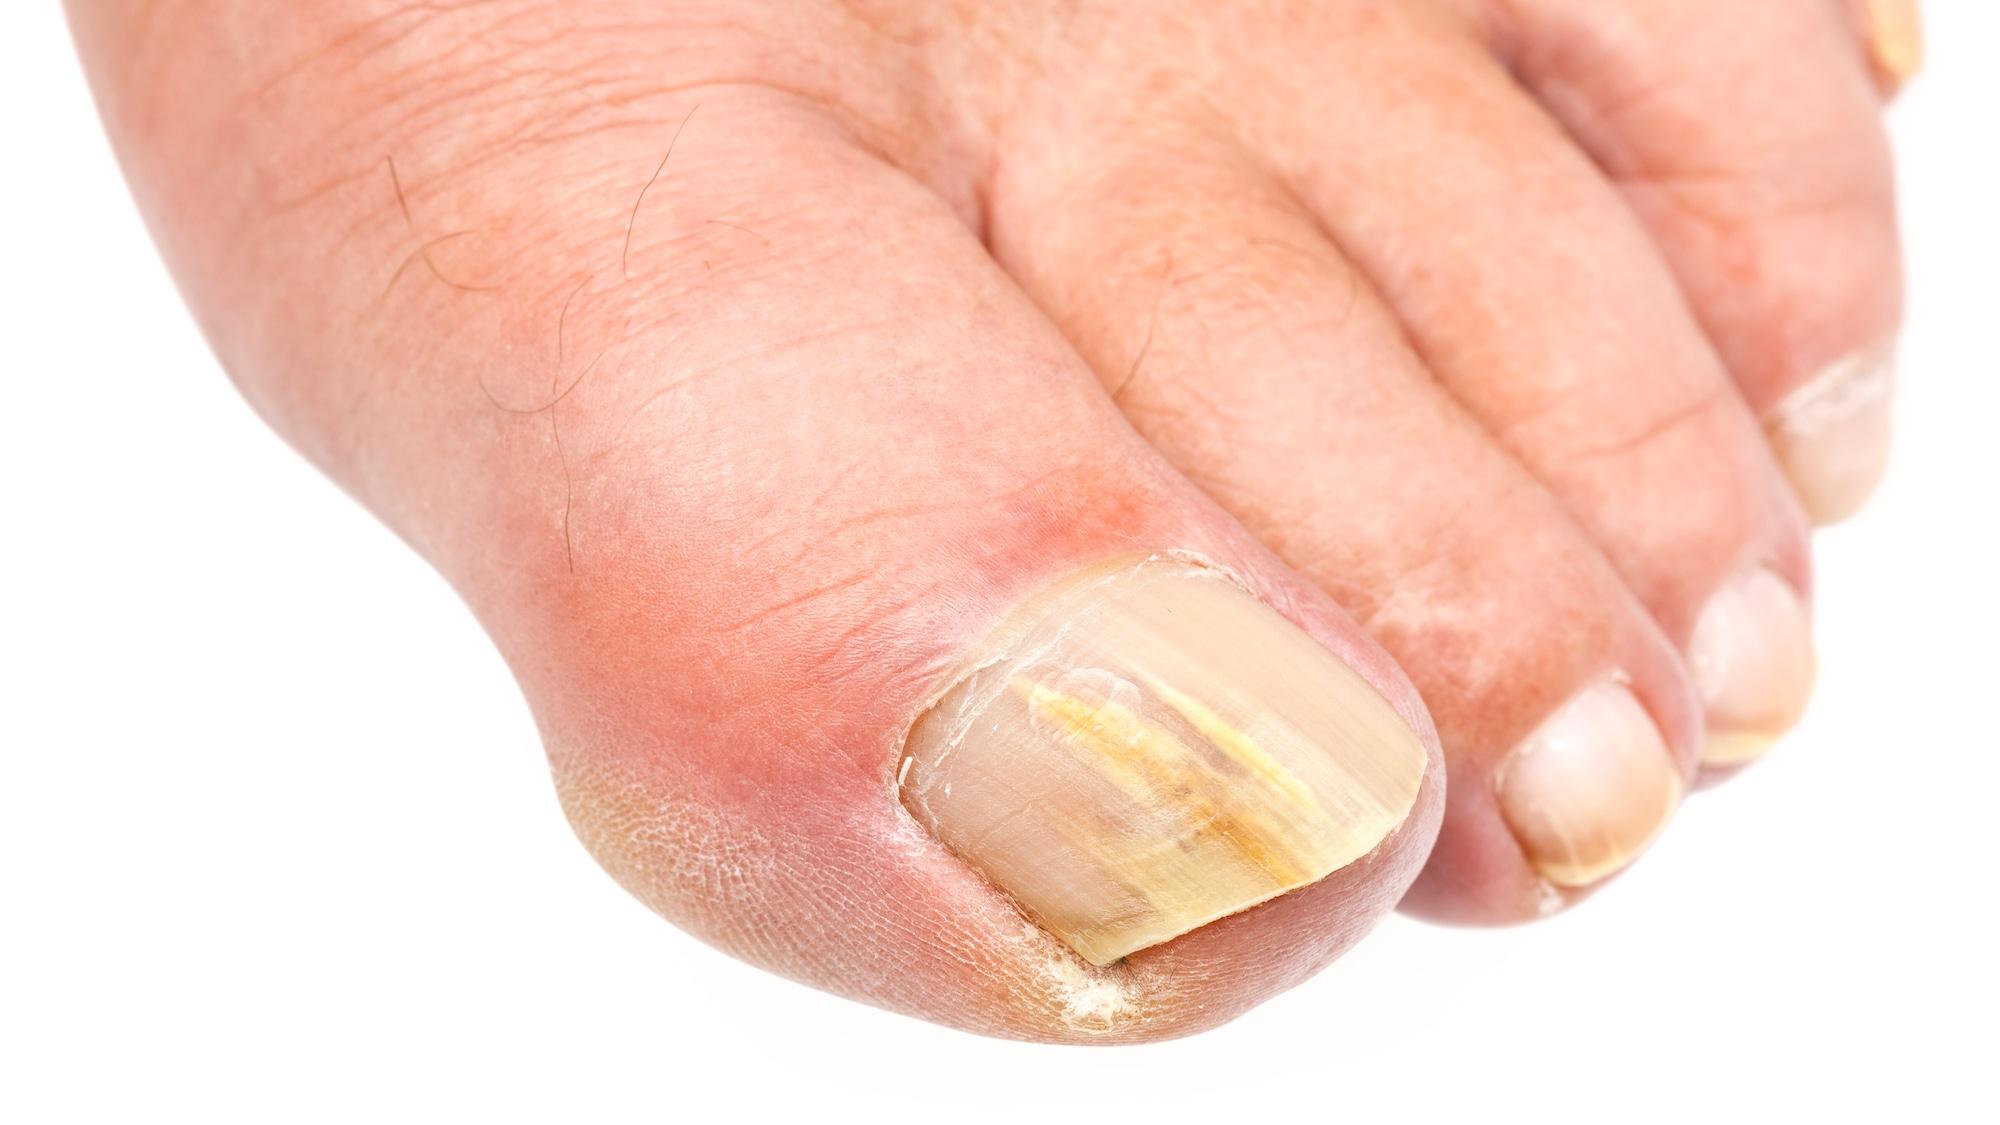 Die besten Mittel: Was hilft wirklich gegen Nagelpilz?